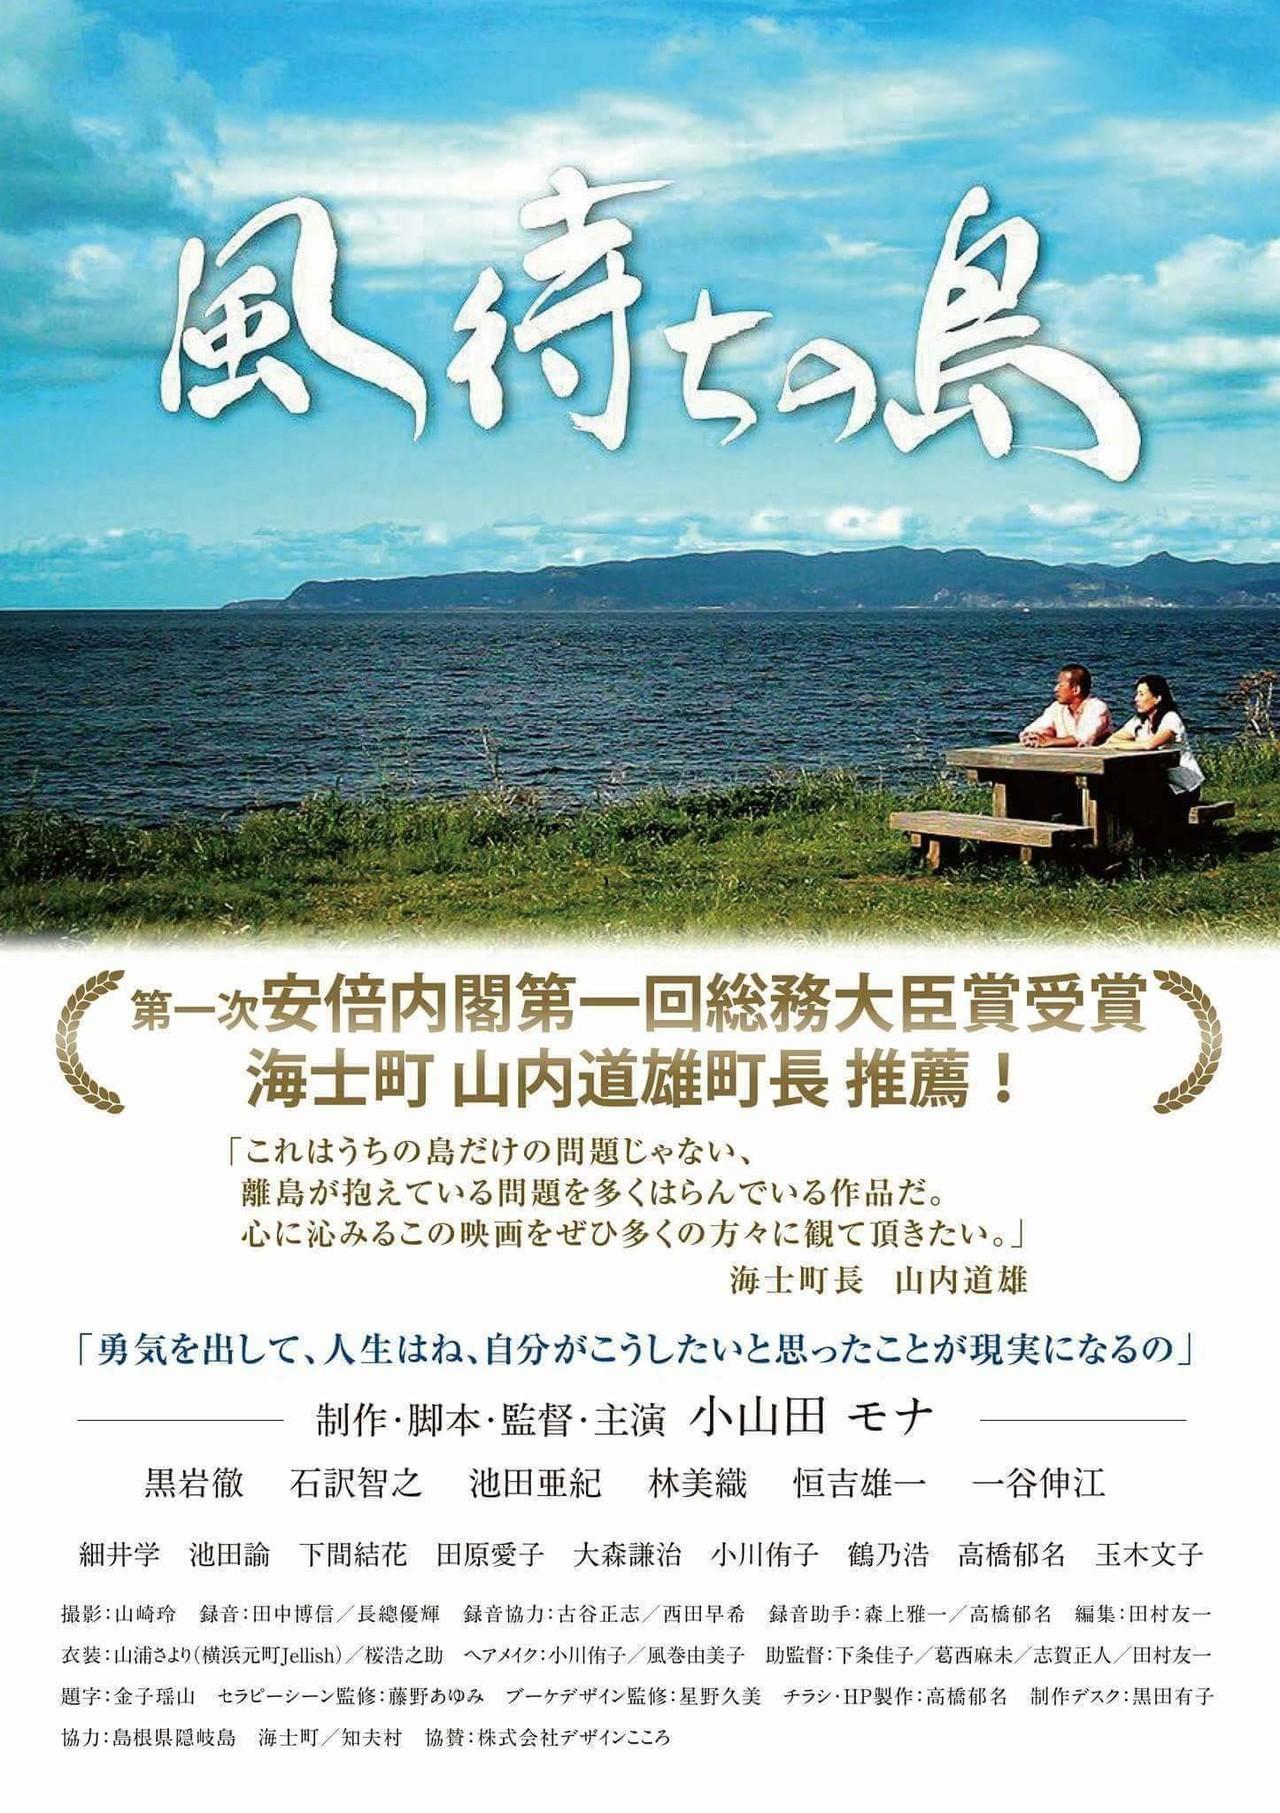 映画『風待ちの島』|小山田モナ...